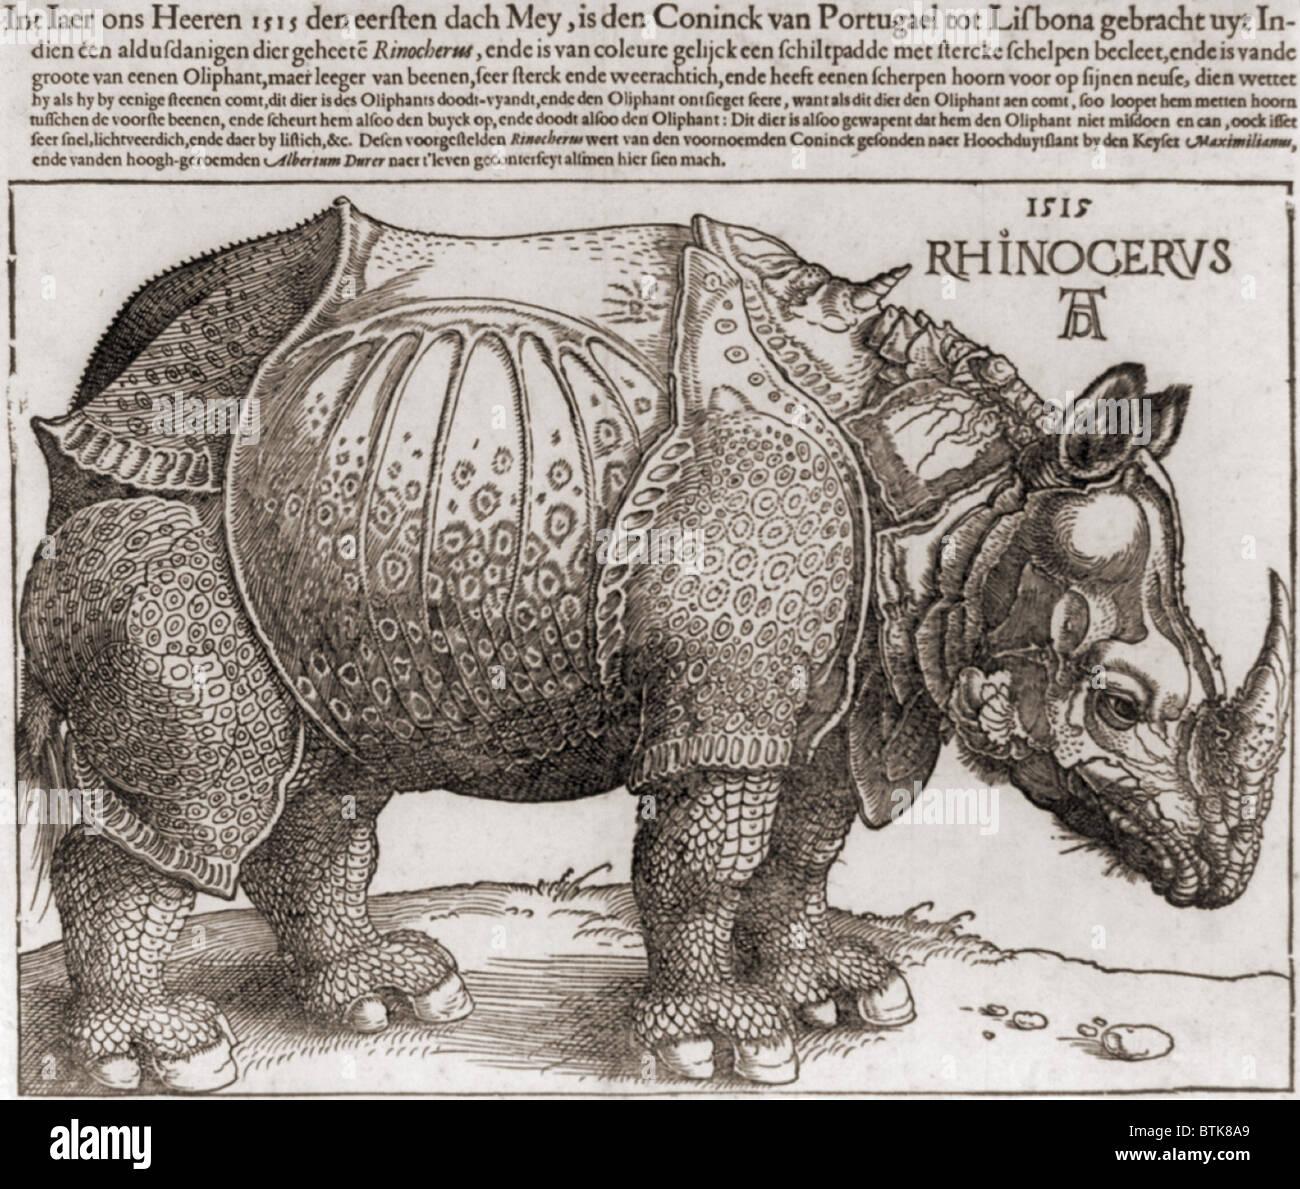 DAS Nashorn, Holzschnitt von Albrecht Dürer (1471-1528), gezeichnet von der Beschreibung von einem Panzernashorn. Stockfoto